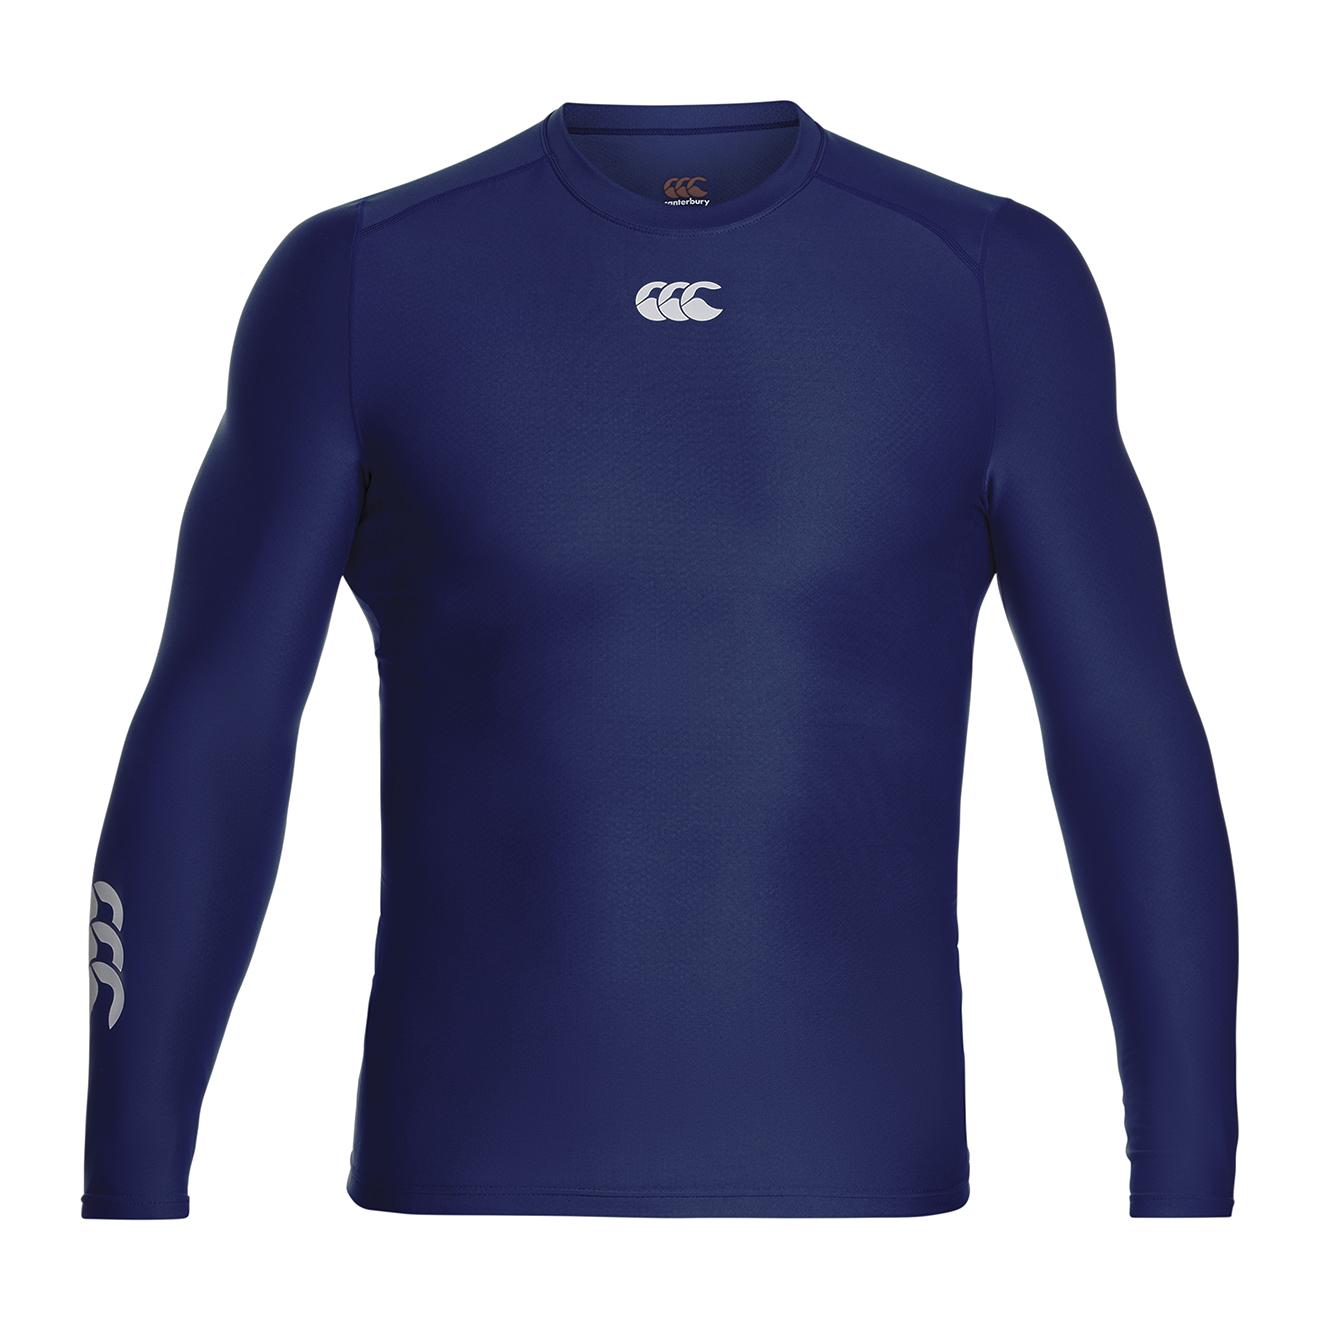 f400ab2c4c3837 Keeperskleding kopen  - Online keepers kleding bestellen